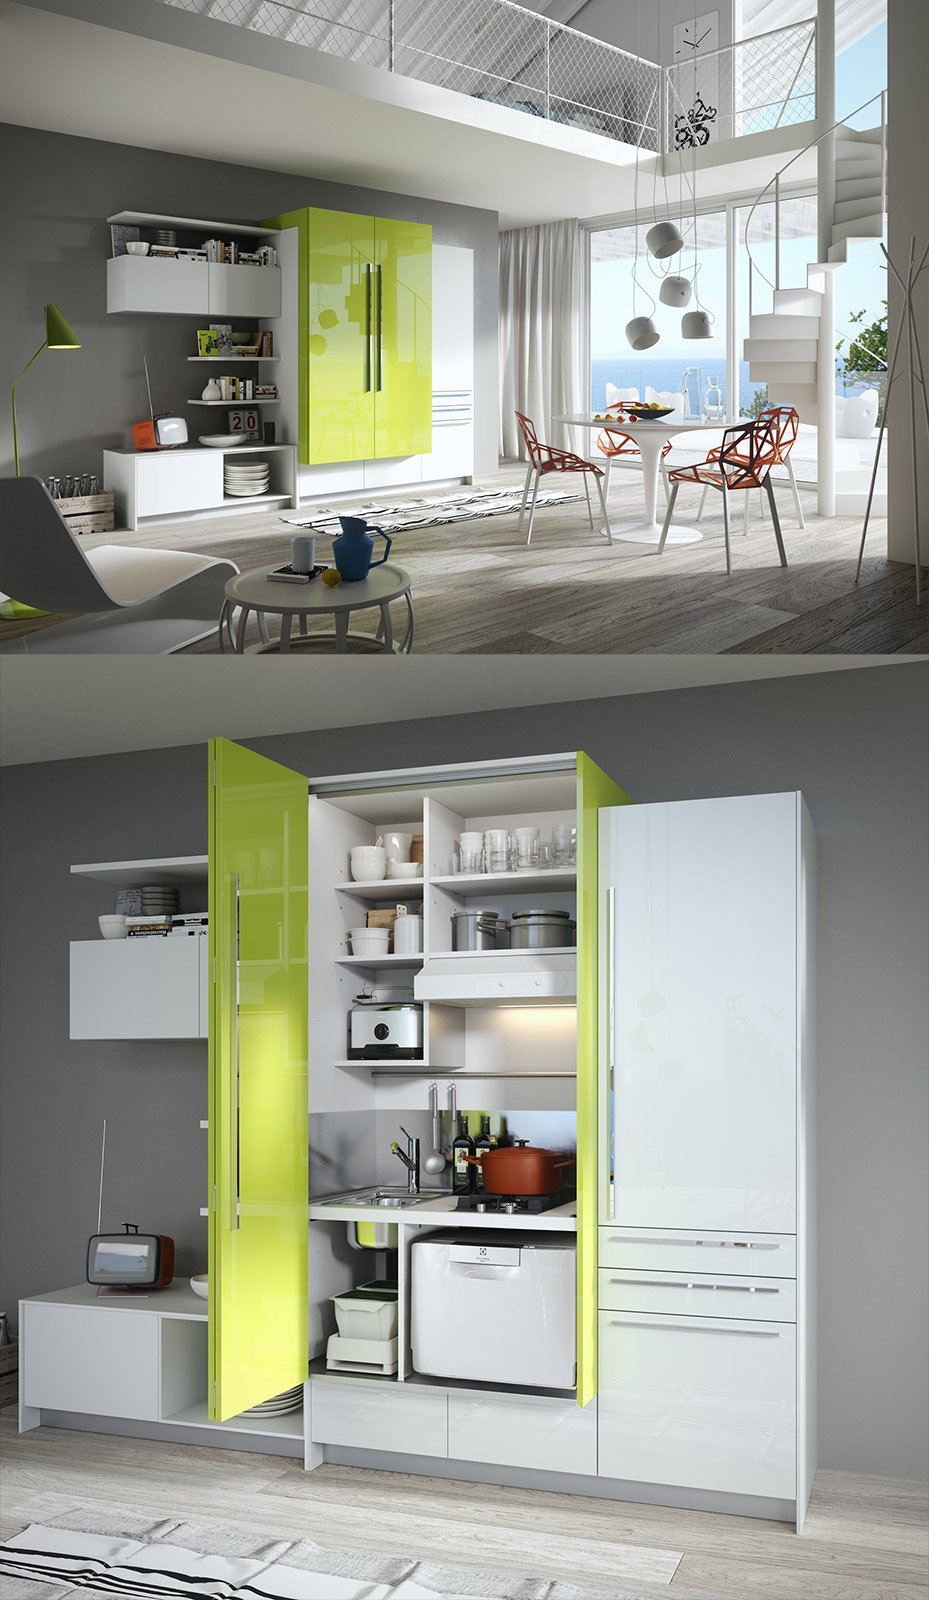 Pavimento decorazione terrazzo - Cucine armadio prezzi ...